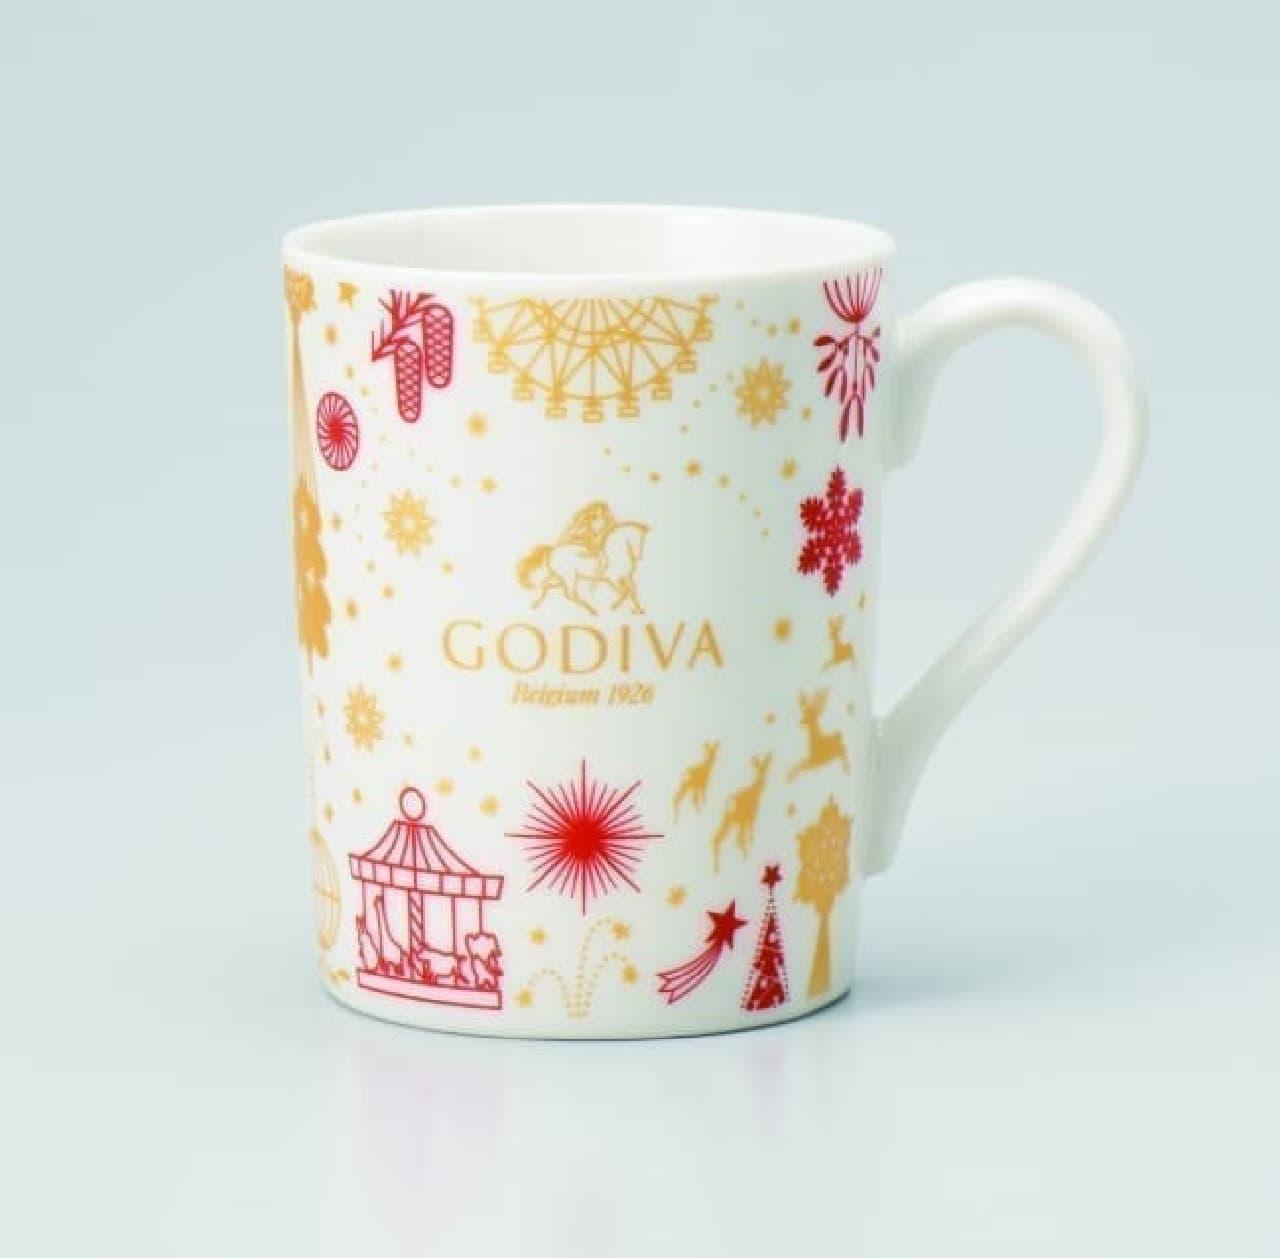 プレゼントは赤&白の可愛いマグカップ♪ゴディバがクリスマスのキャンペーン実施